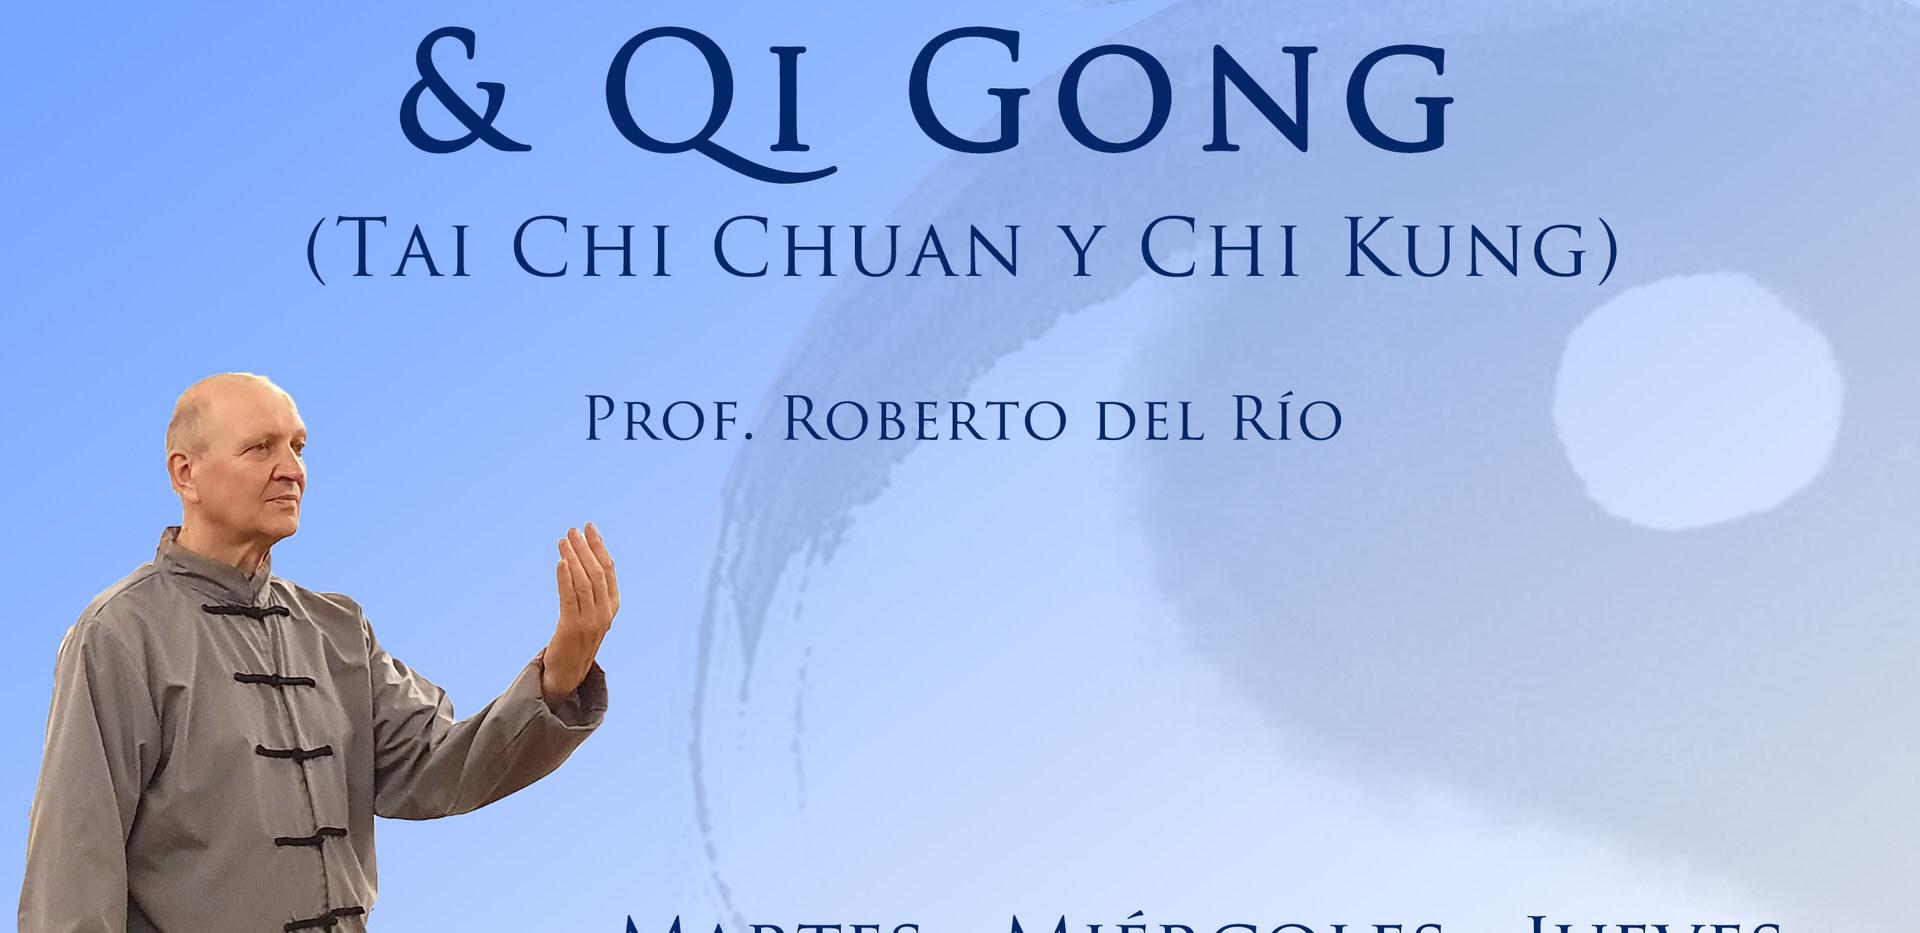 """Taijiquan o Tai Chi Chuan  Lo practicamos como un arte marcial interno, similar a lo enunciado respecto del Qigong.  Si bien las """"formas"""" que practicamos son las del estilo Yang Marcial (6 seis-10 diez-16 dieciséis- 24 veinticuatro) el objetivo es elevar la salud desde un lugar de más concentración. (meditando en movimiento) Procuramos realizar una práctica sin exigencia ni competencia, solo con gusto y  saludable armonía. Qigong o Chi Kung  Traducido al castellano significa energía trabajo. Precisamente eso de trabajar, mediante técnicas milenarias, con el fluir de la energía, aumenta la salud individual. Es indicado para todos, ya que si bien se trata de una práctica colectiva, cada uno la realiza a su ritmo y dentro de sus posibilidades. La práctica continua y habitual ayuda con la circulación de energía, permitiendo calmar el exceso y energizar la falta. Todos los practicantes, jóvenes o mayores, mujeres u hombres, con físicos pequeños o grandes, pueden practicarlo (salvo los no indicados expresamente por profesionales de la salud) y beneficiarse con una notoria mejoría en su salud física, mental y emocional."""